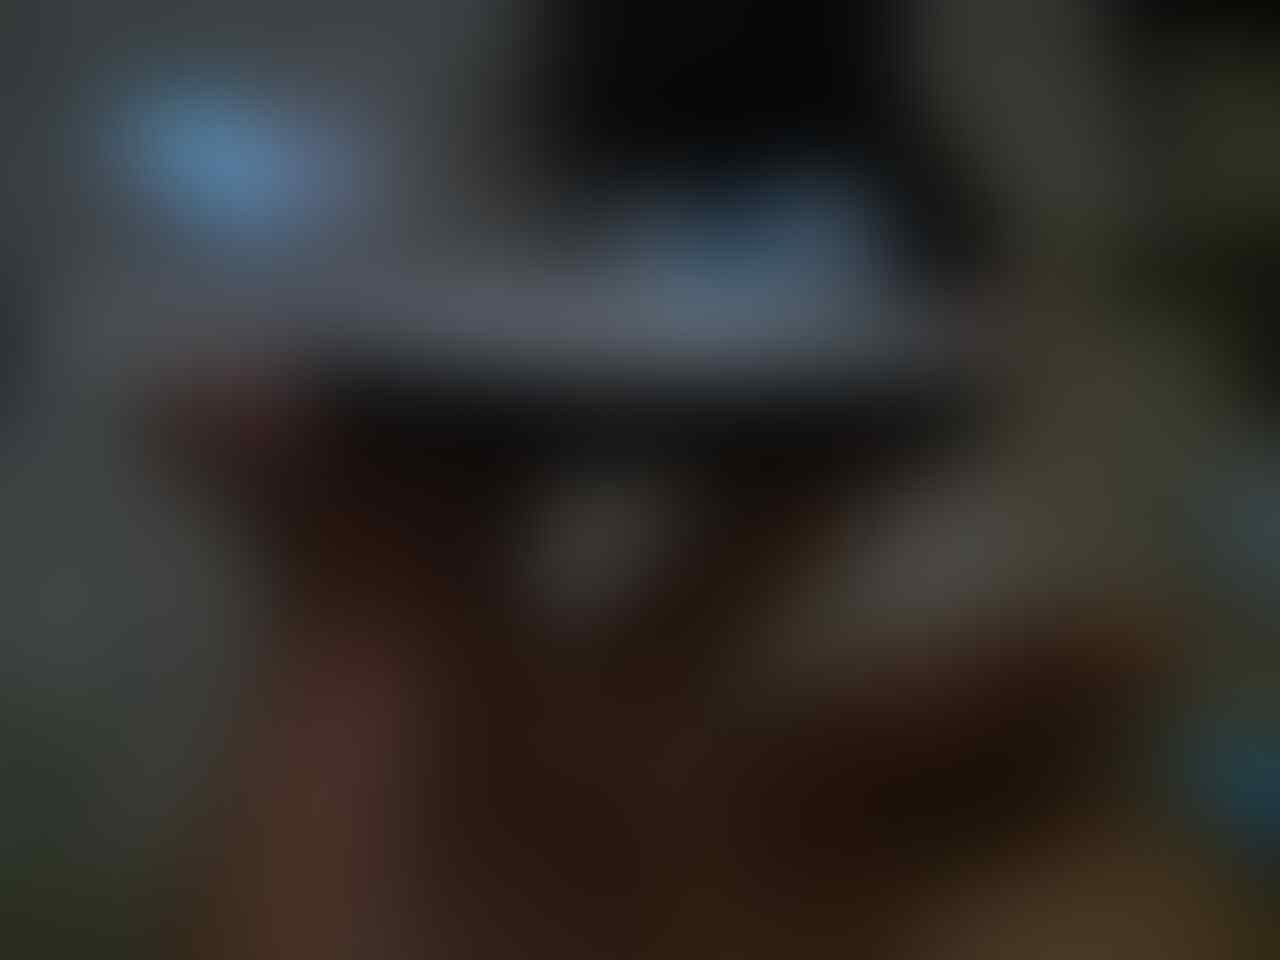 Handphone Blackberry Gemini Curve 8520 Rusak/Matot (Mati Total)